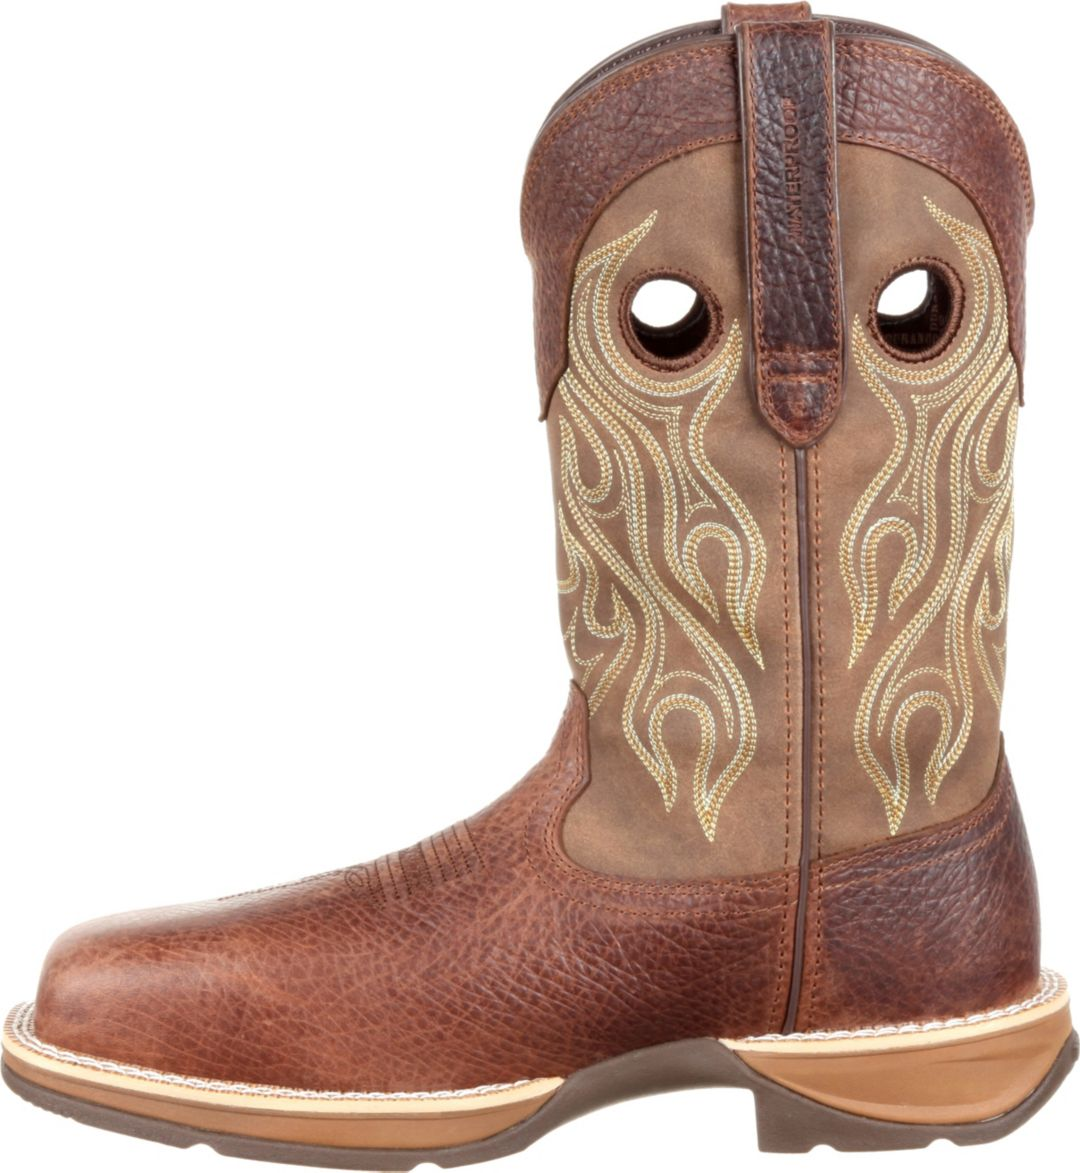 7f269b649f0 Durango Men's Rebel Waterproof Composite Toe Western Work Boots